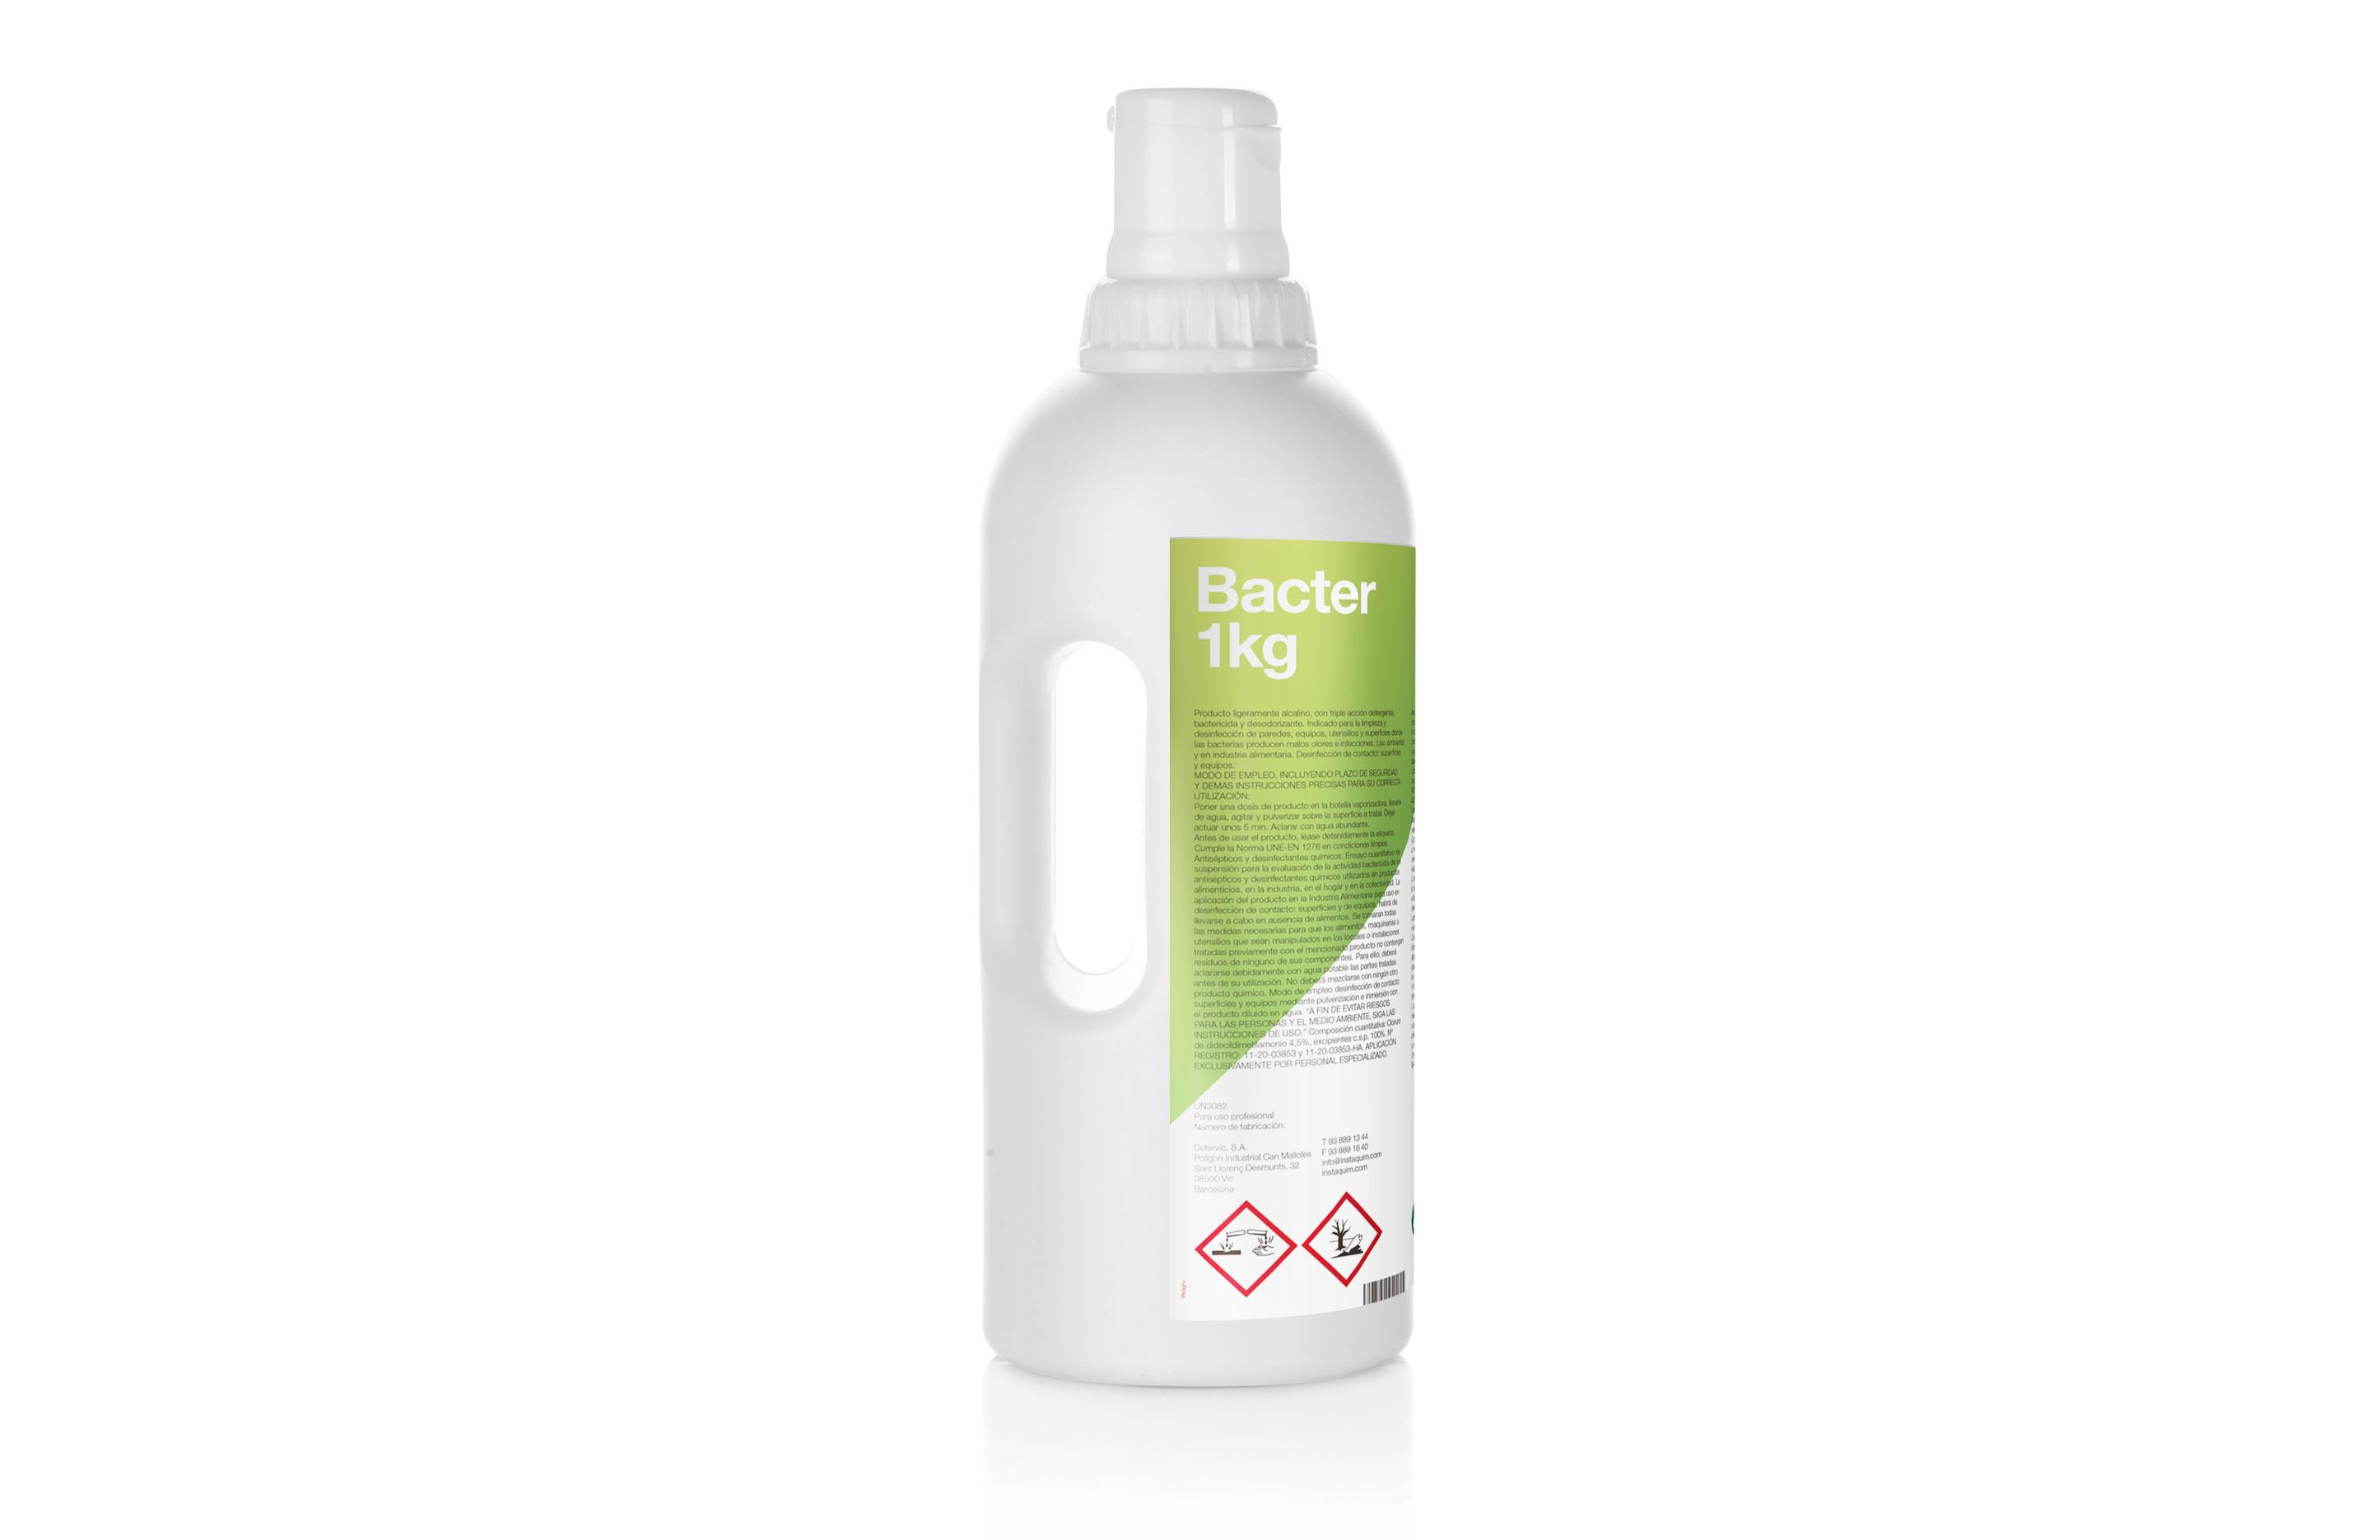 Bacter Autodosis, Detergent desinfectant